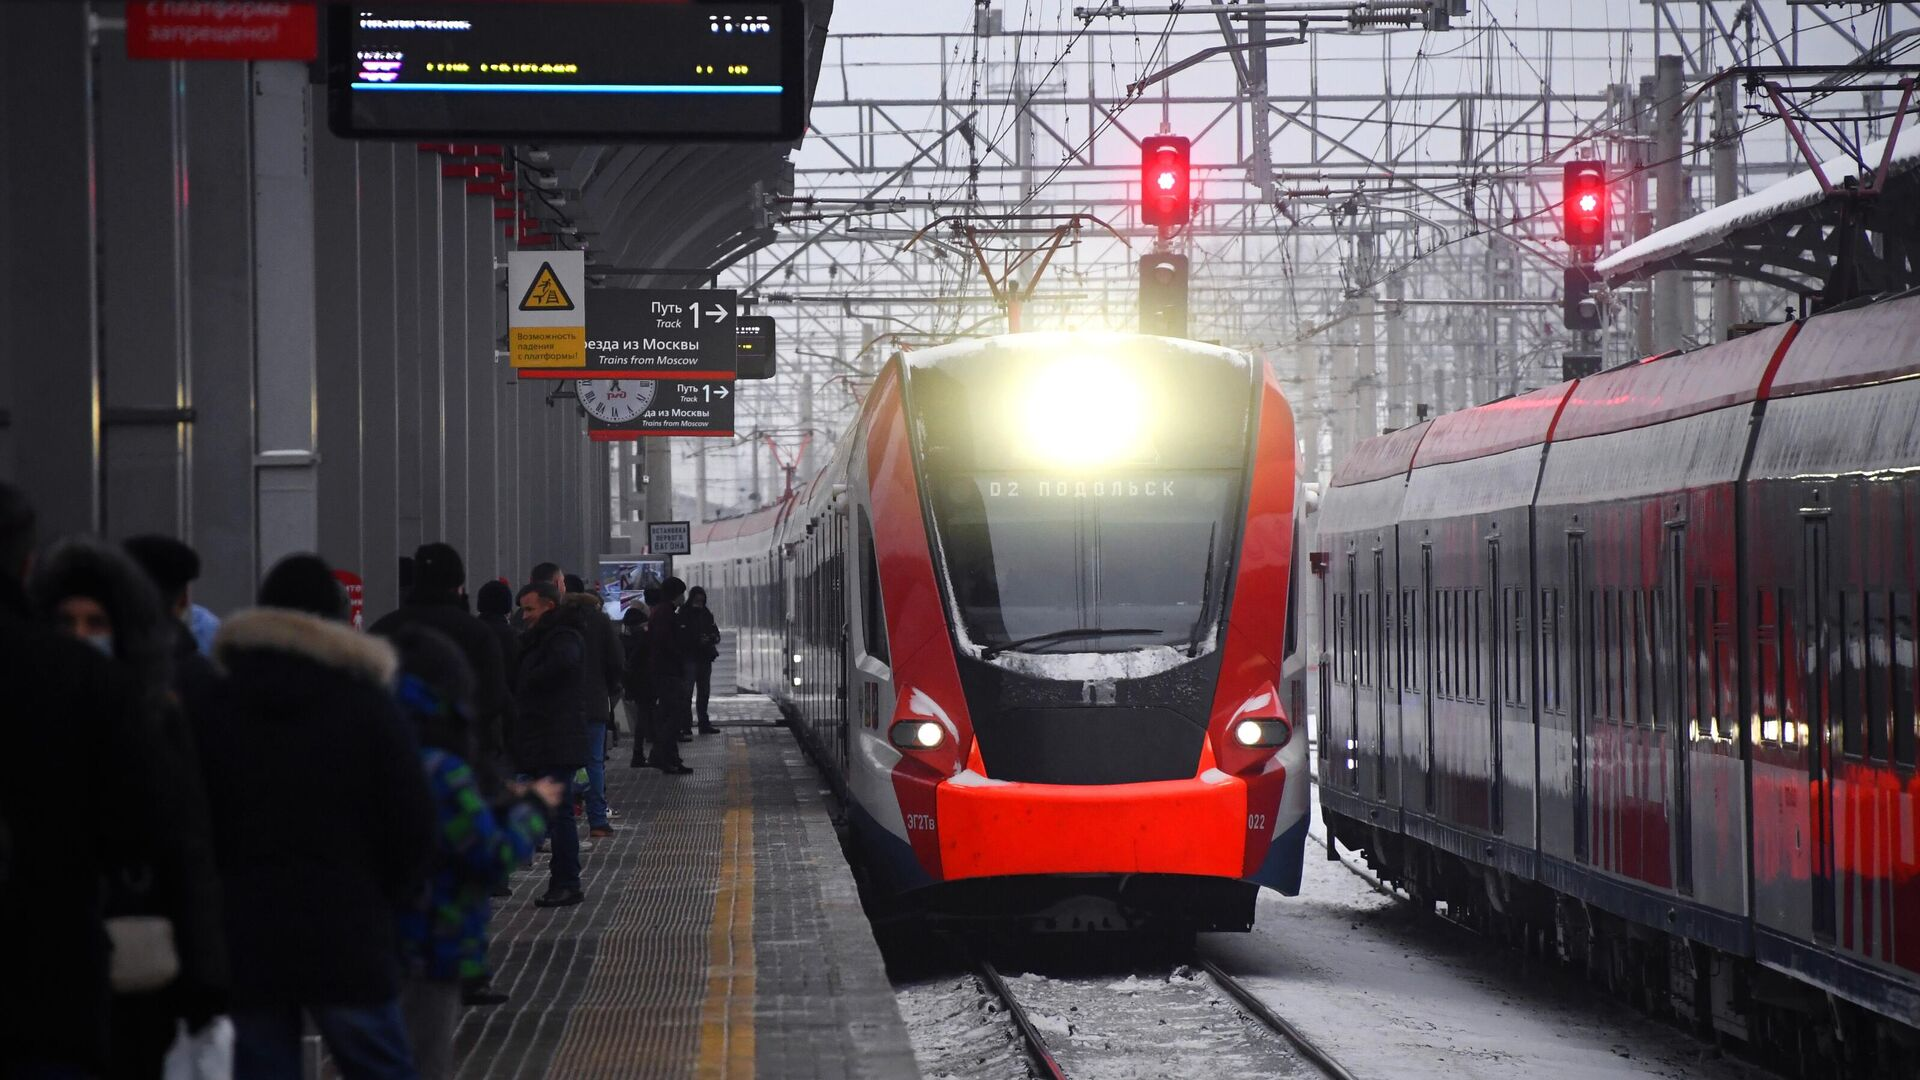 Пассажиры на перроне на станции Подольск в Московской области - РИА Новости, 1920, 01.04.2021